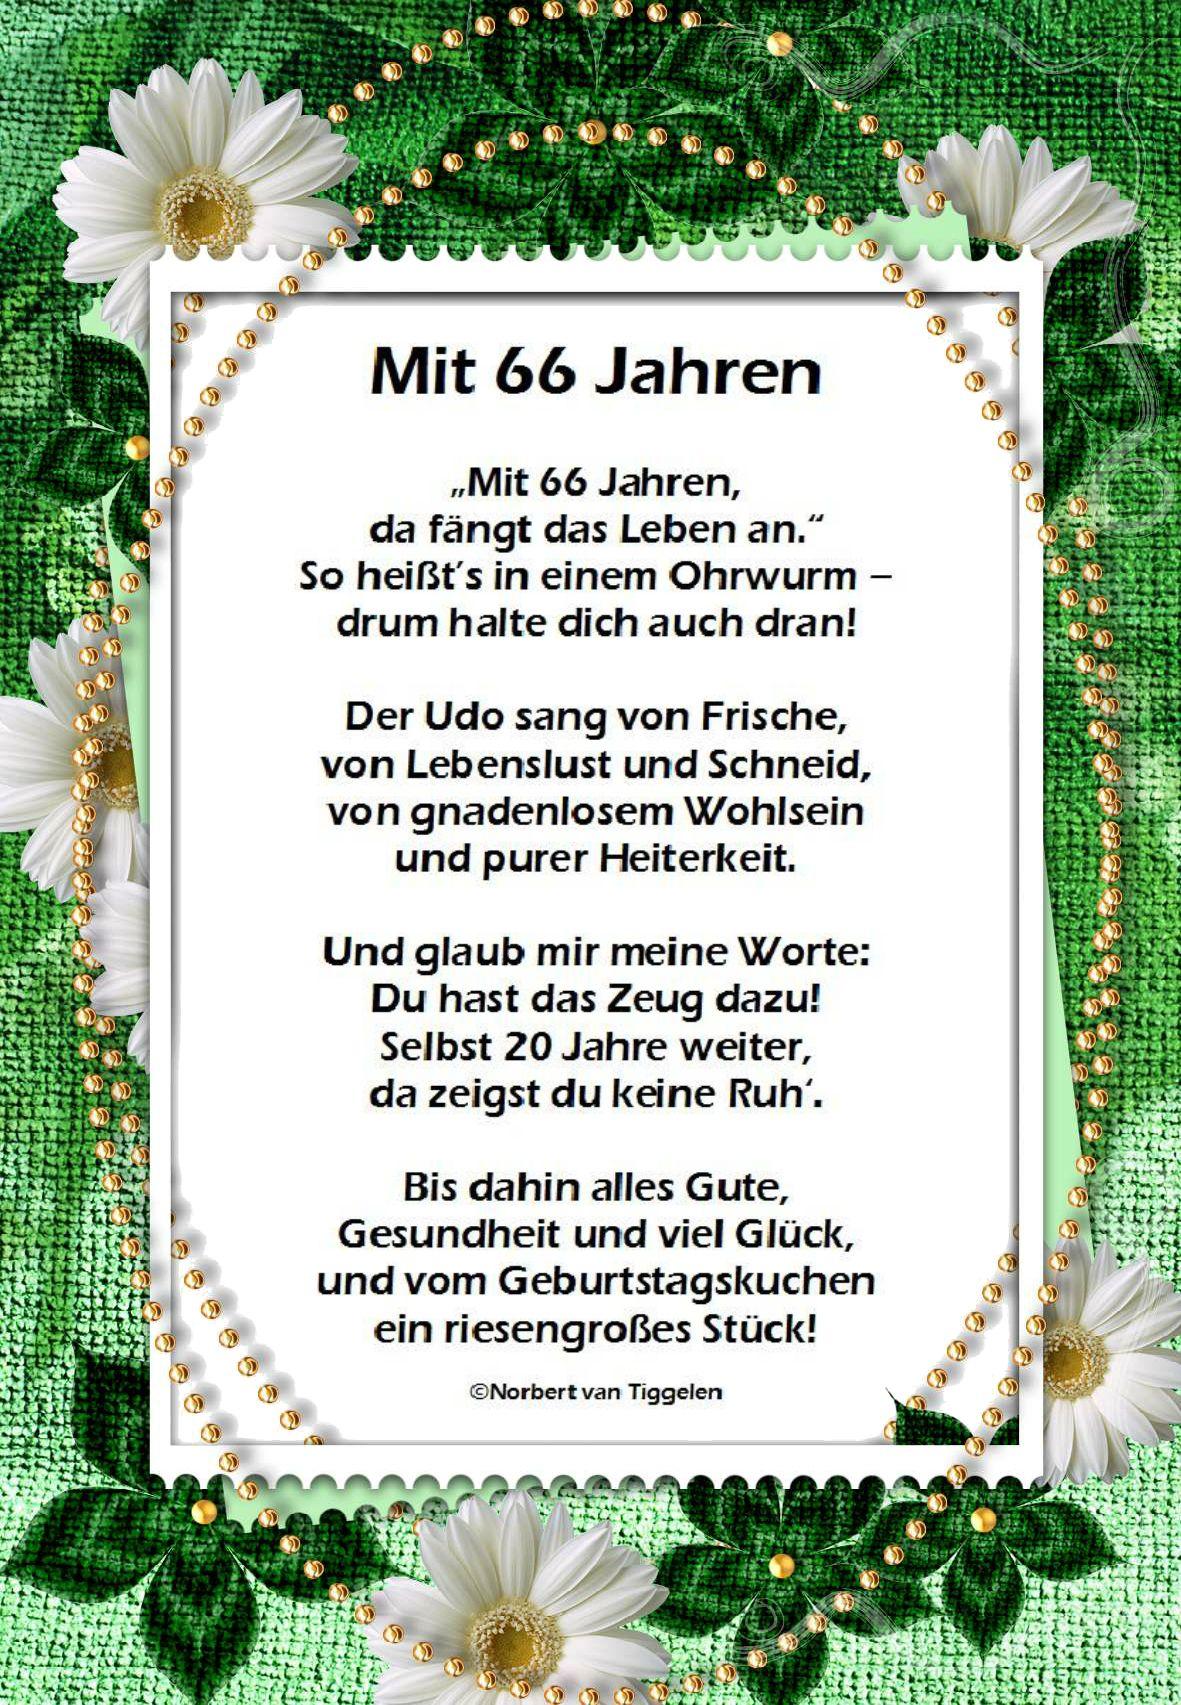 Gluckwunsch Zum 66 Geburtstag Happy Birthday